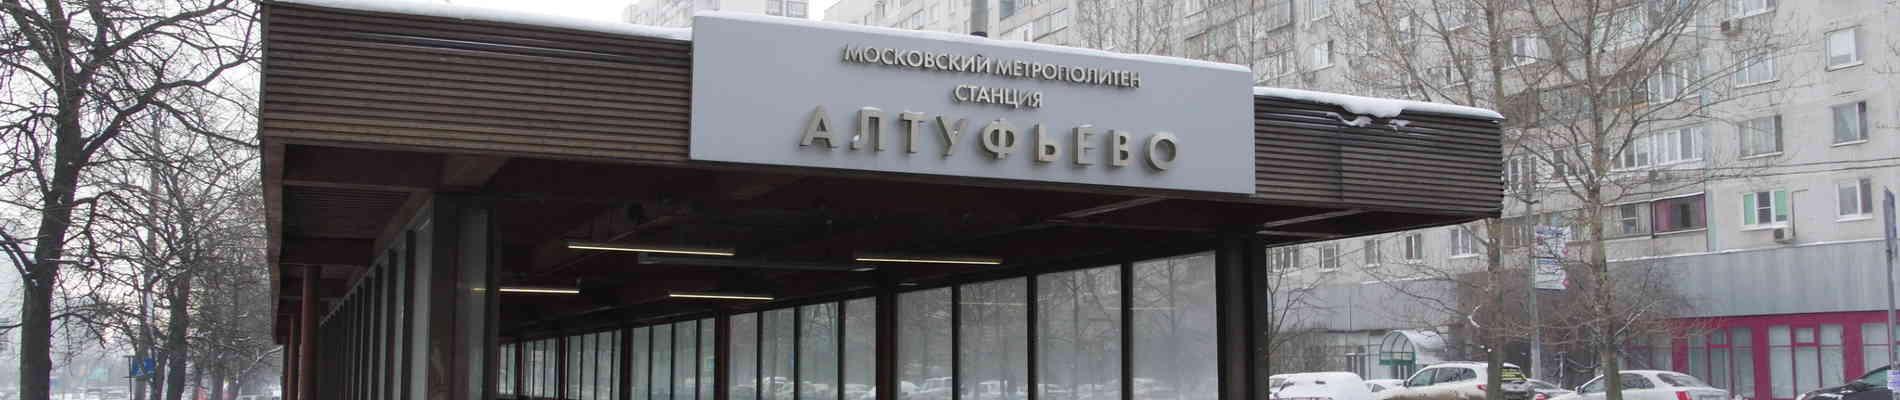 Изготовление печатей и штампов Алтуфьево